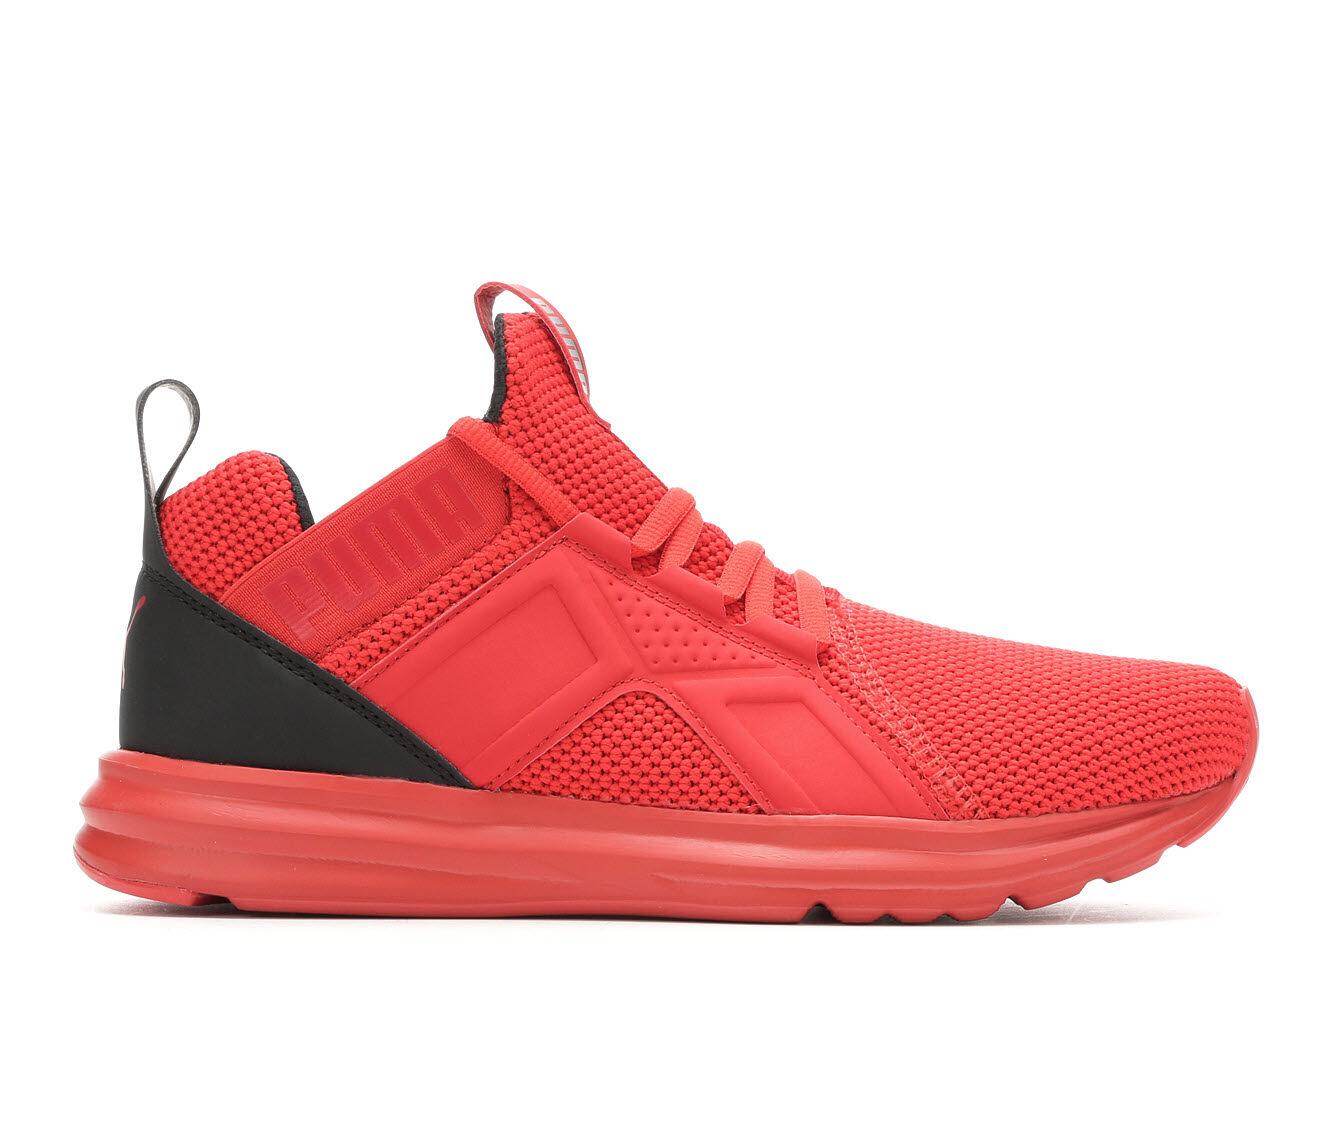 Men's Puma Enzo Weave Sneakers Red/Black